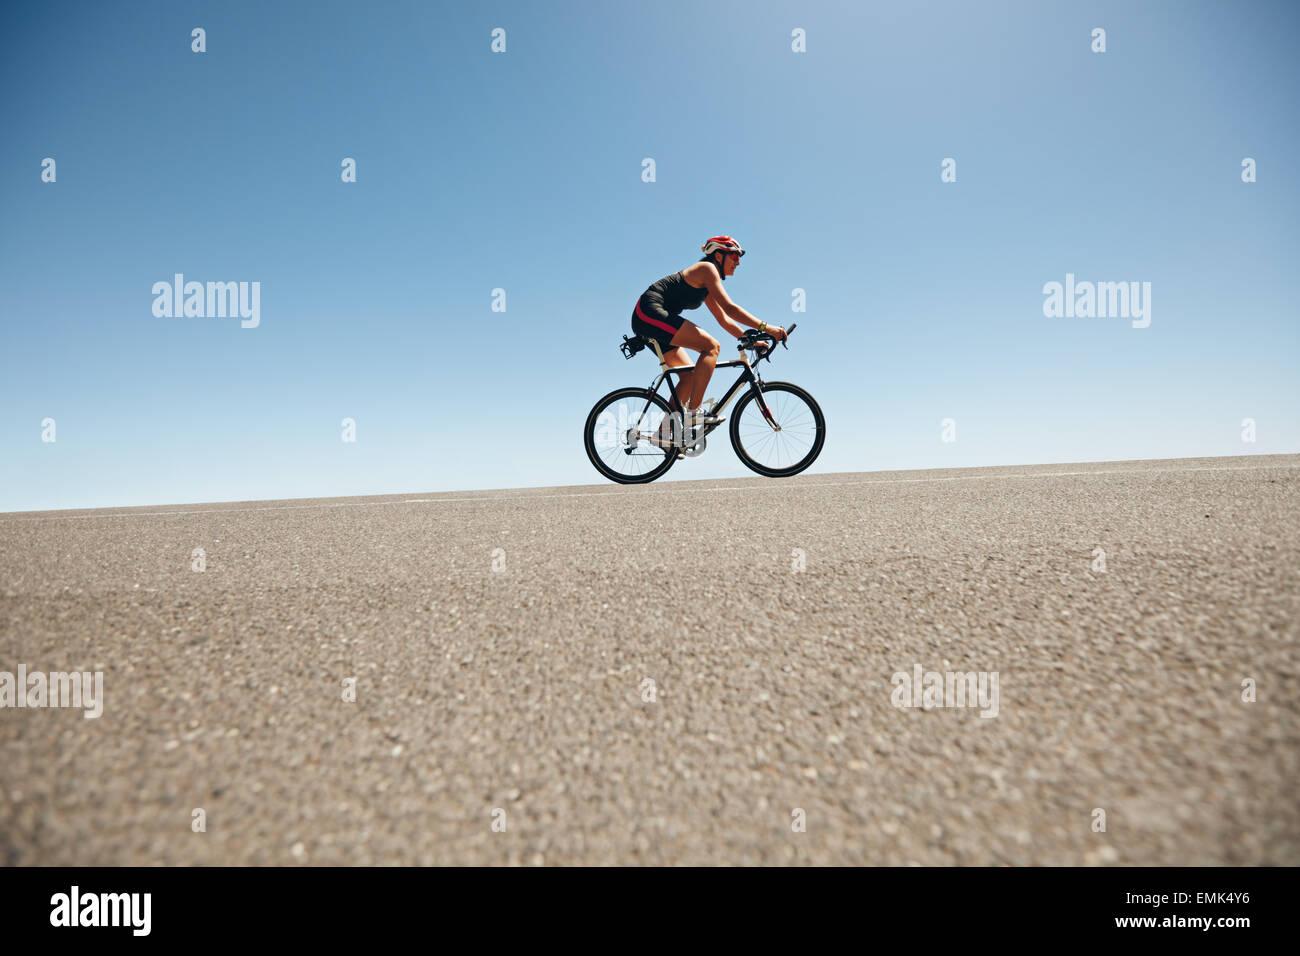 Ciclista femenina en un país por carretera entrenamiento para triatlón. Mujer joven montando bicicleta Imagen De Stock